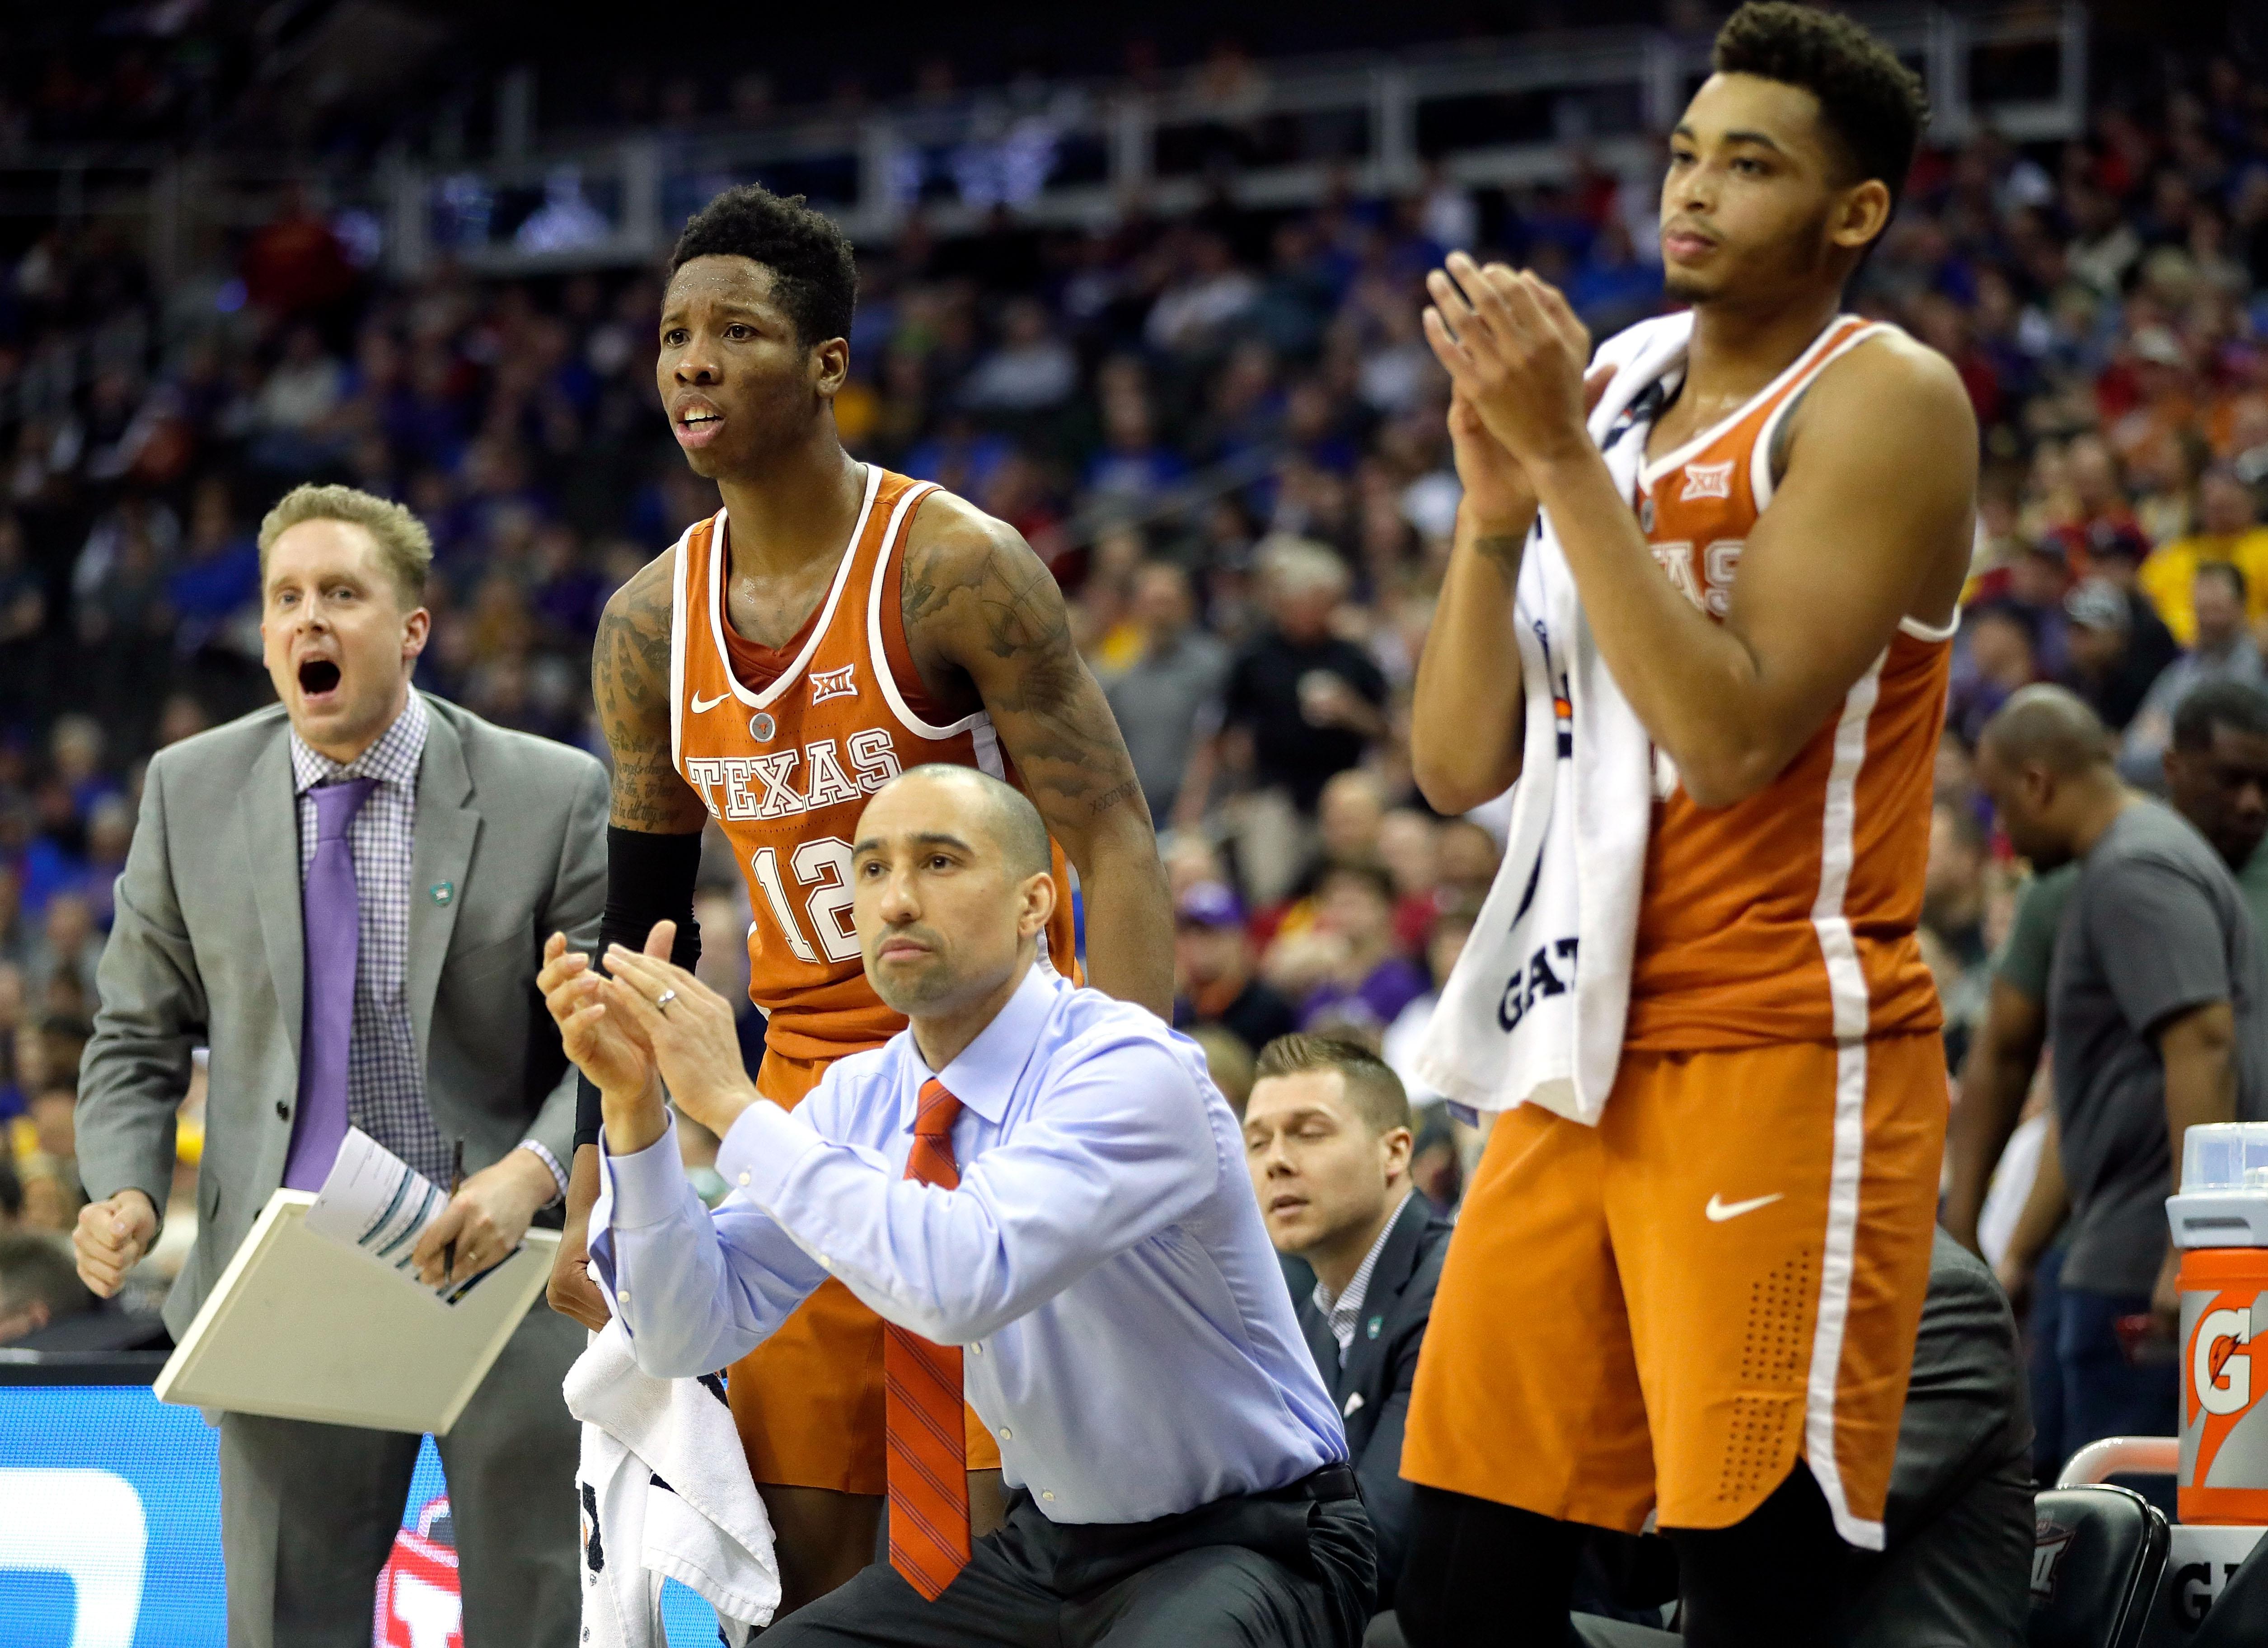 Kentucky Wildcats Basketball 2017 18 Season Preview: Texas Basketball: 2017-18 Season Preview For The Longhorns